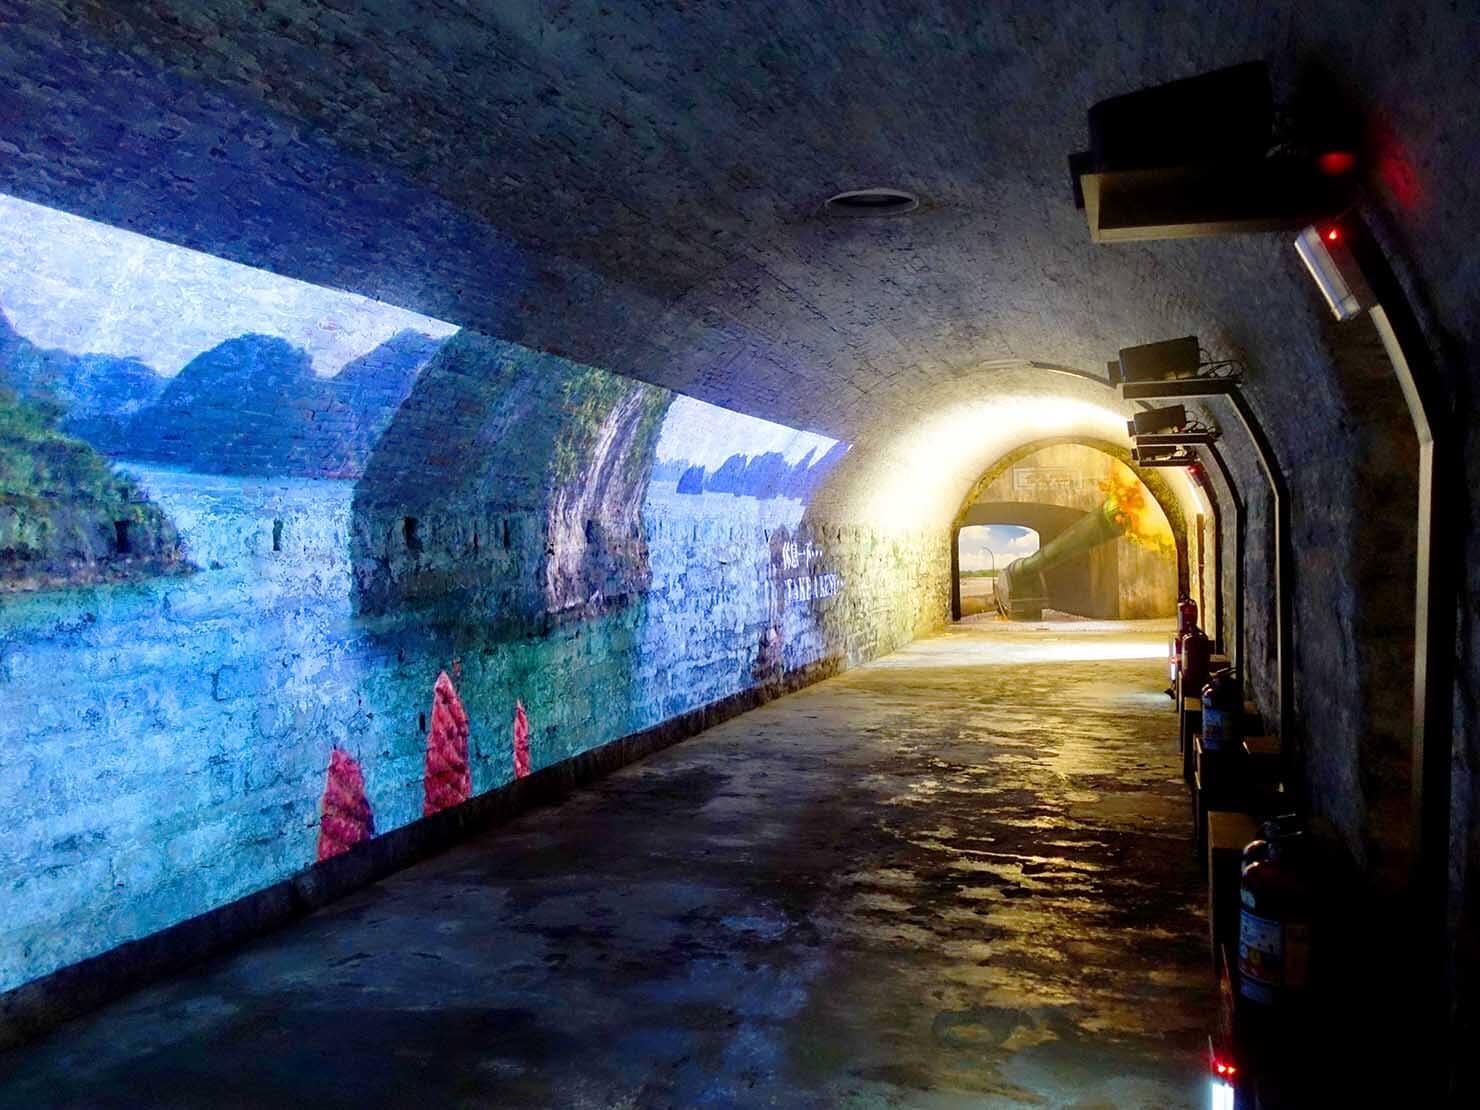 台北・淡水のおすすスポット「滬尾炮台」の屋内